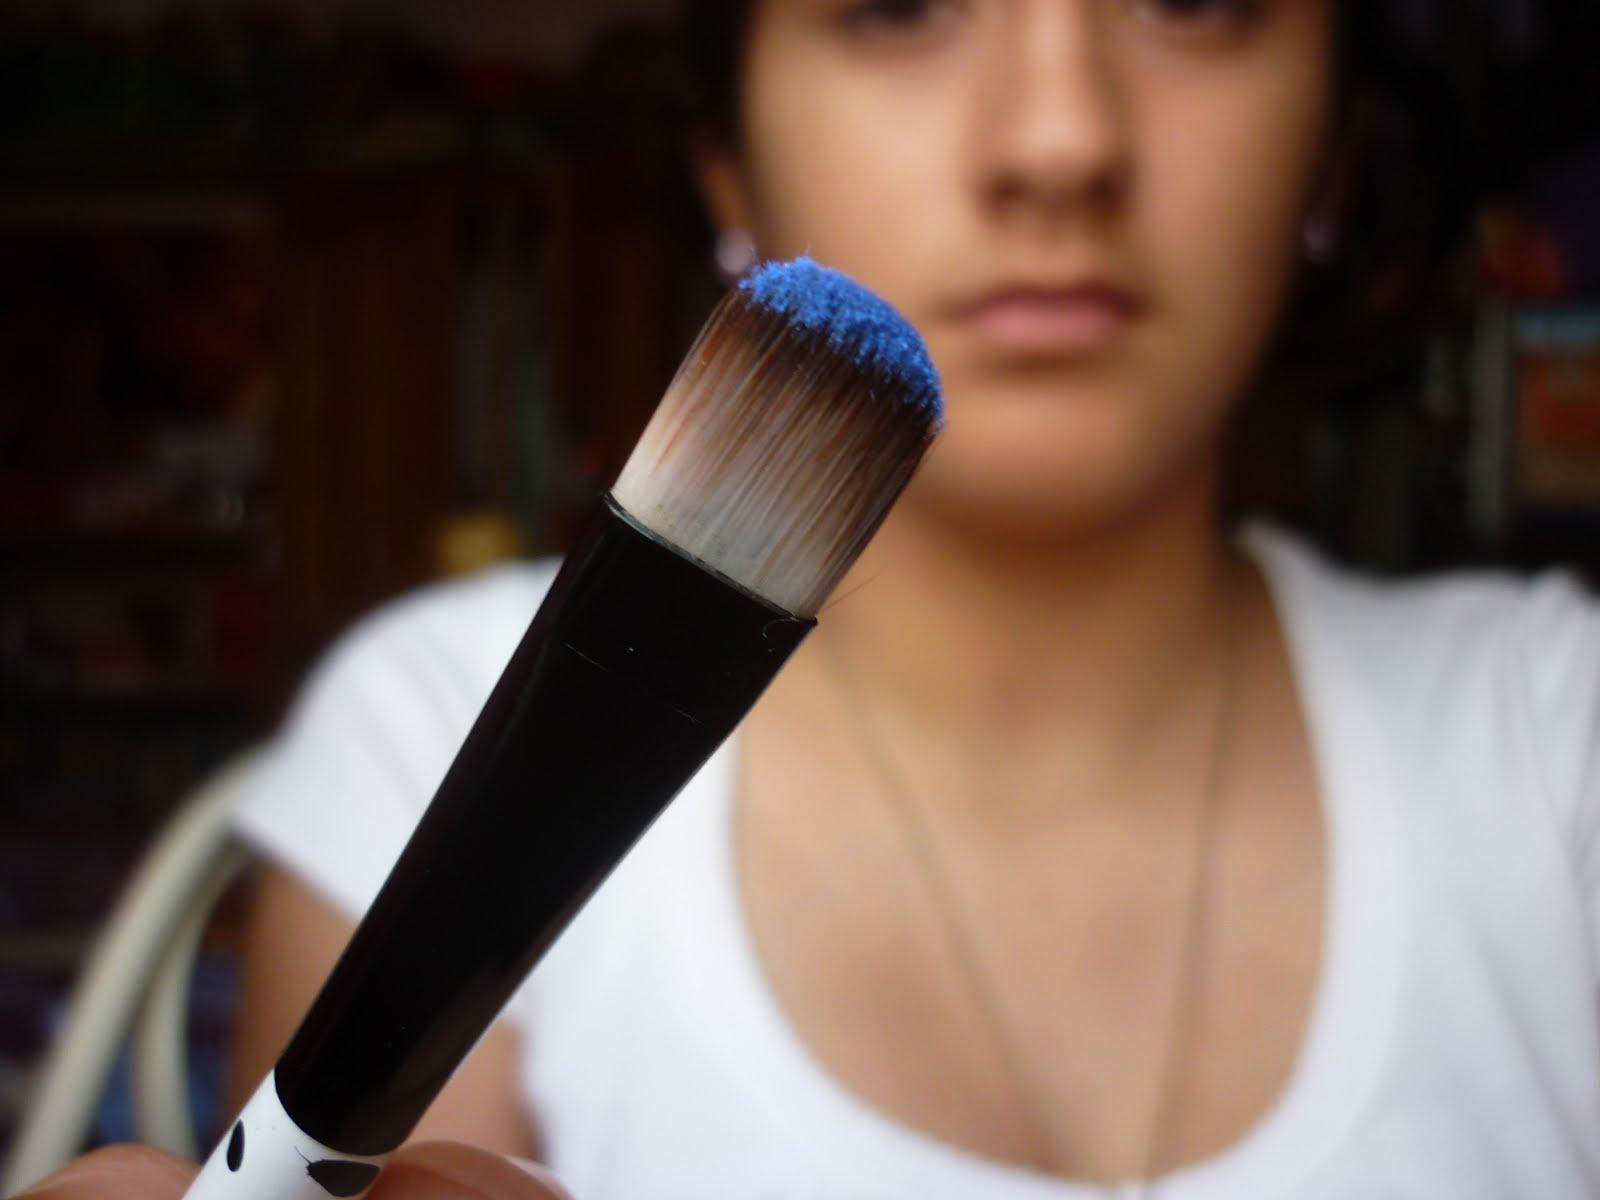 http://3.bp.blogspot.com/_mlUukXVAPX8/TSFW10XMw3I/AAAAAAAAAuU/mSqjR2v0e7A/s1600/P1140897.JPG